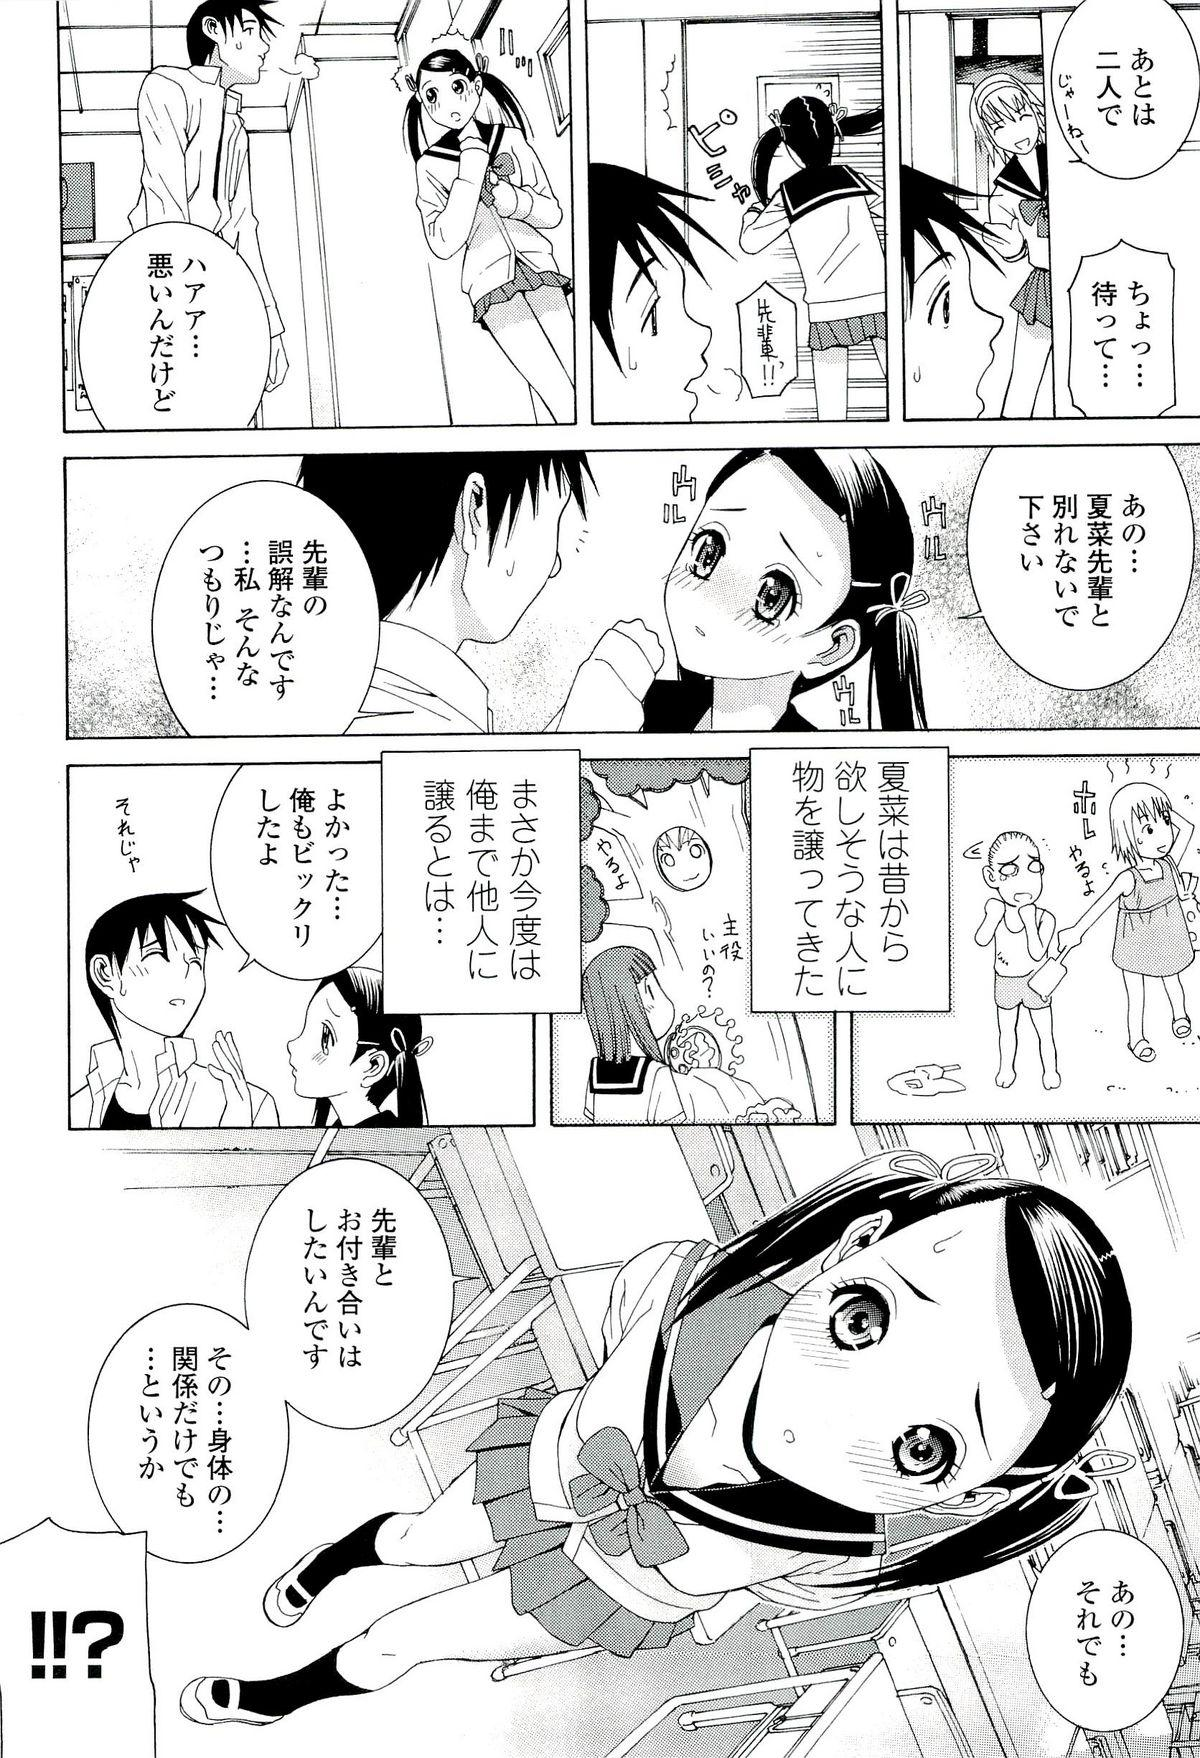 Ane ♡ Mai Love 127